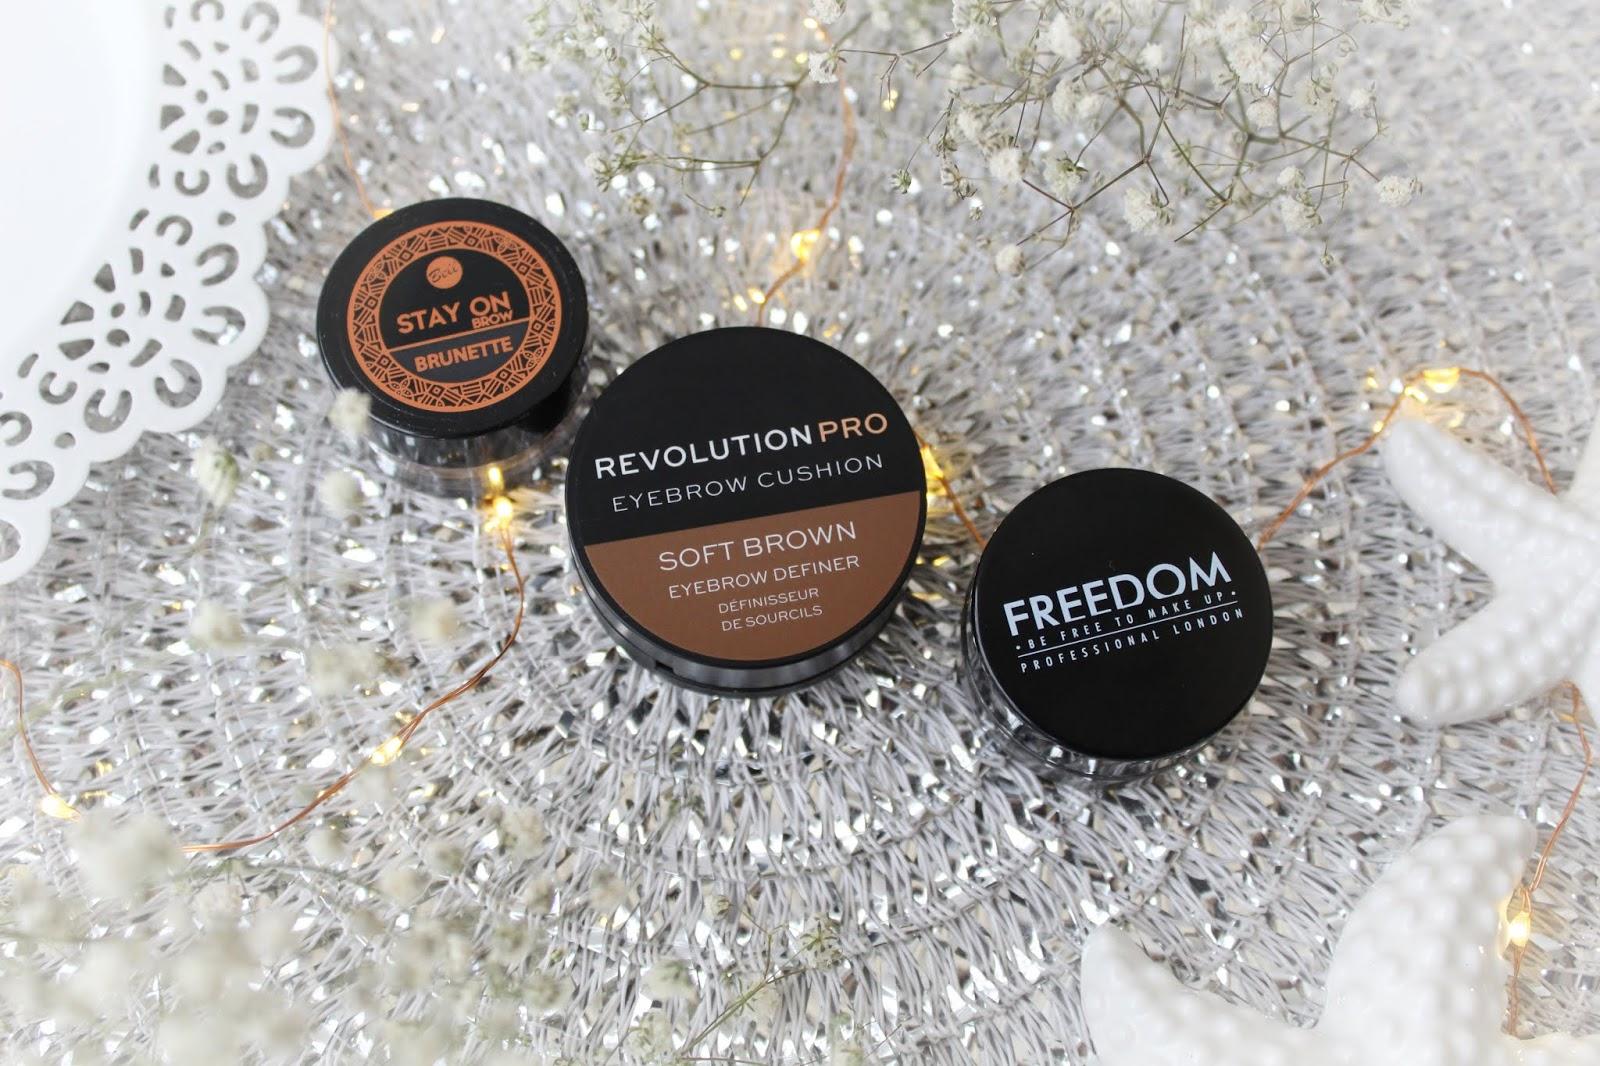 Freedom Pro Brow Pomade, Revolution Pro Eyebrow Cushion oraz Bell Stay On Brow - porównanie 3 pomad do brwi